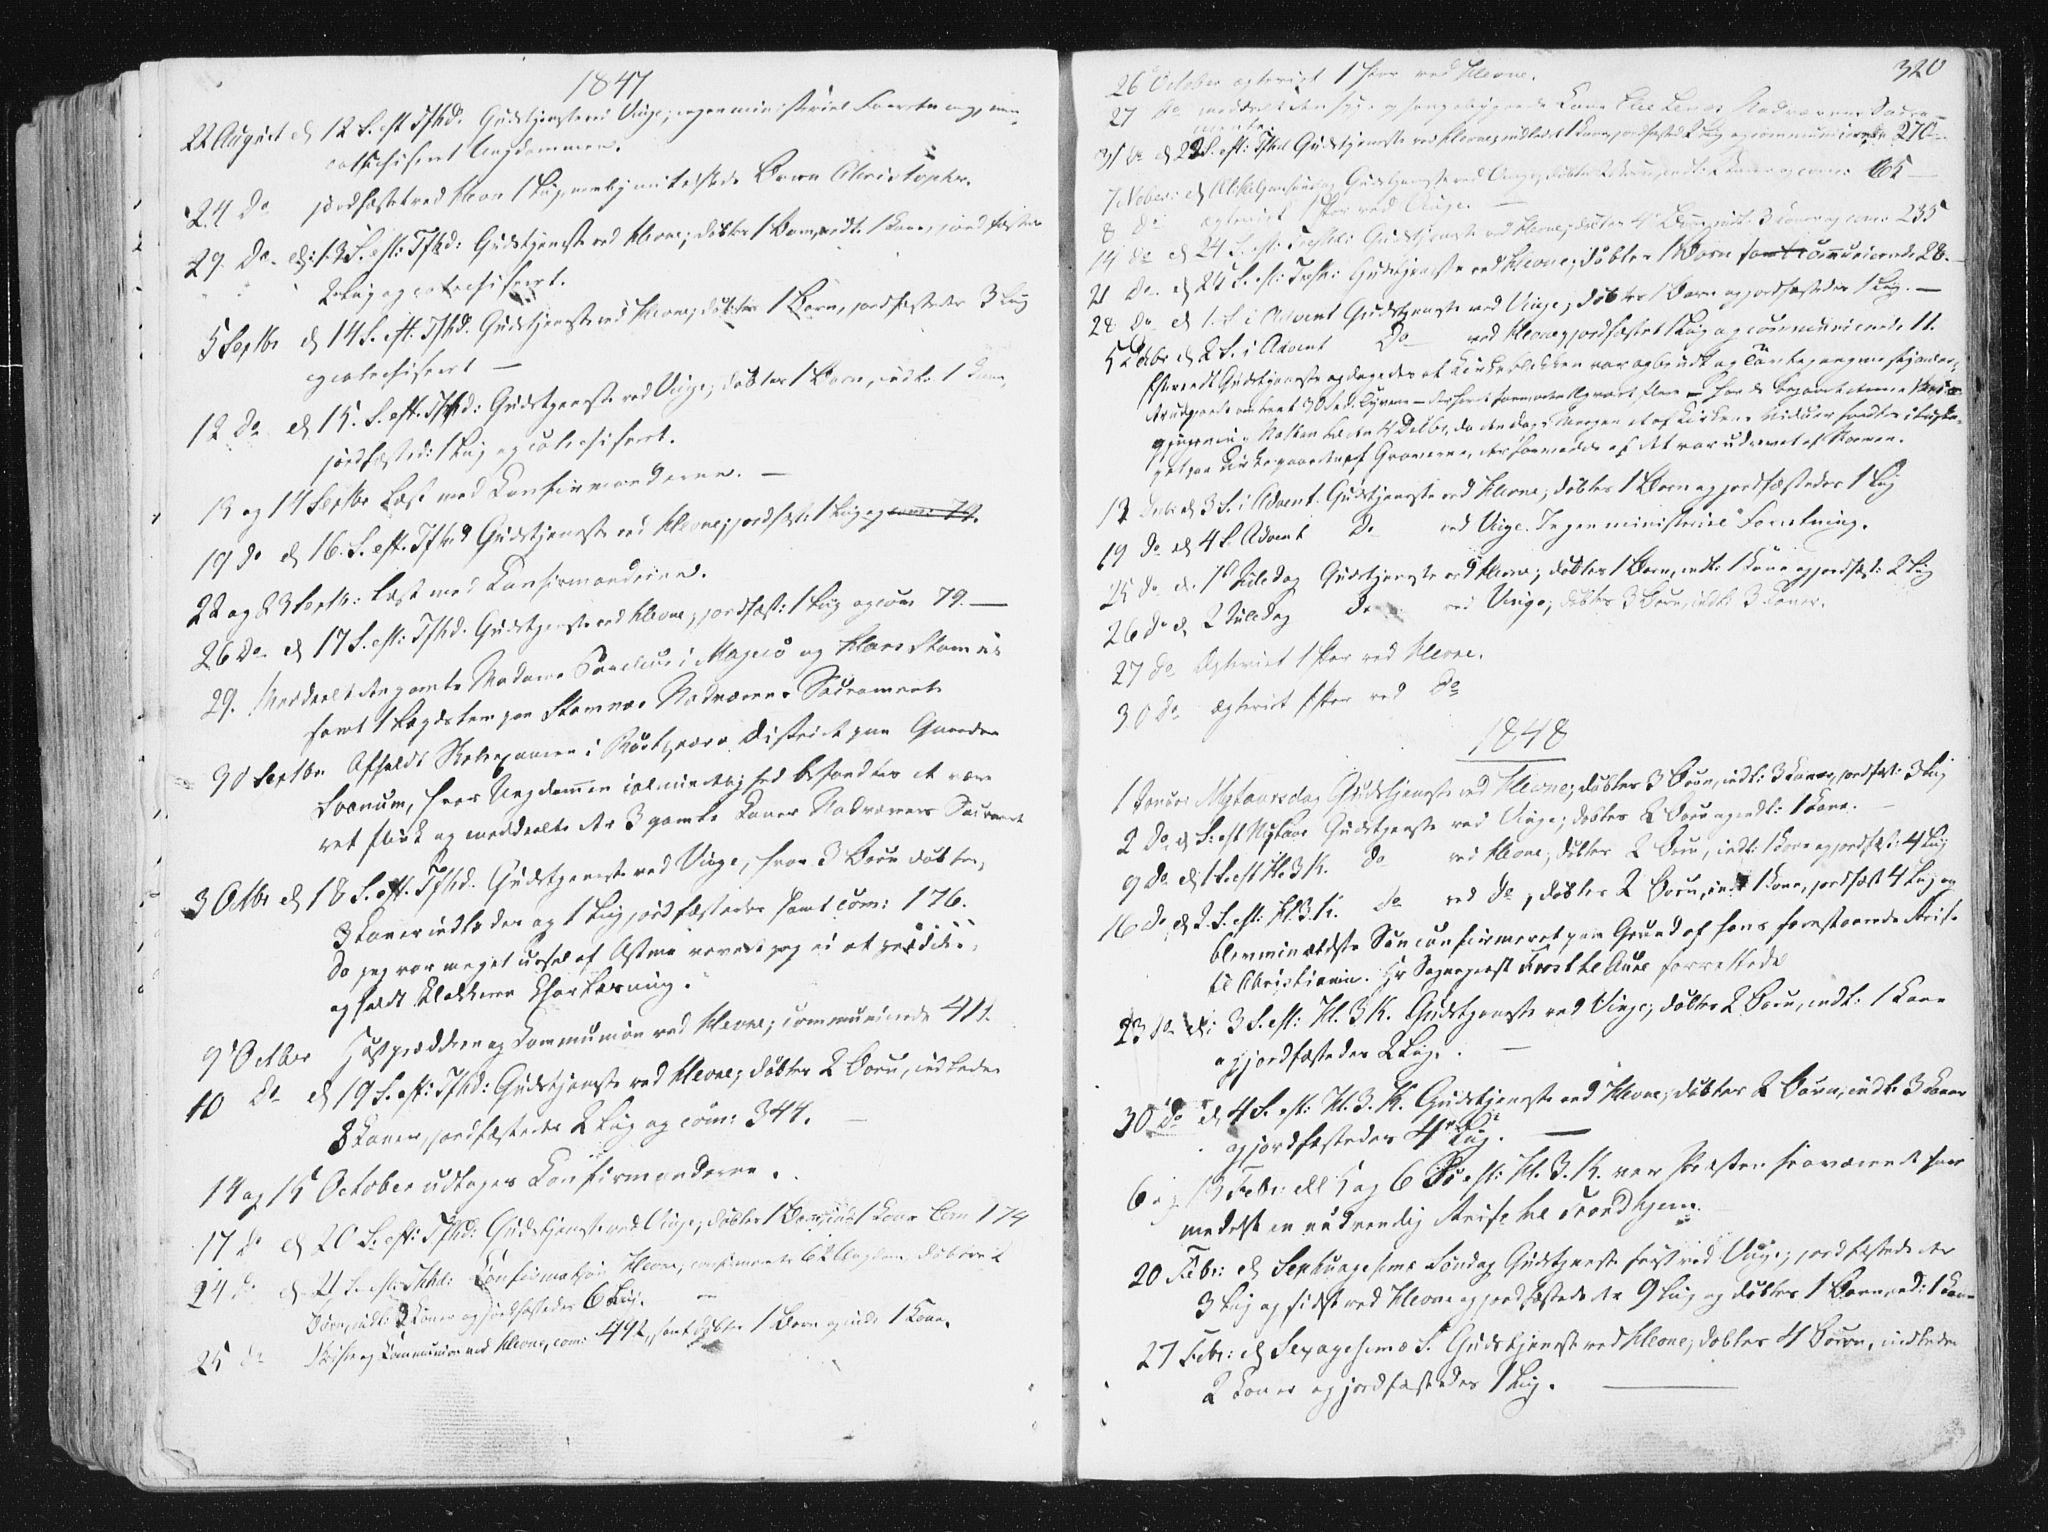 SAT, Ministerialprotokoller, klokkerbøker og fødselsregistre - Sør-Trøndelag, 630/L0493: Ministerialbok nr. 630A06, 1841-1851, s. 320